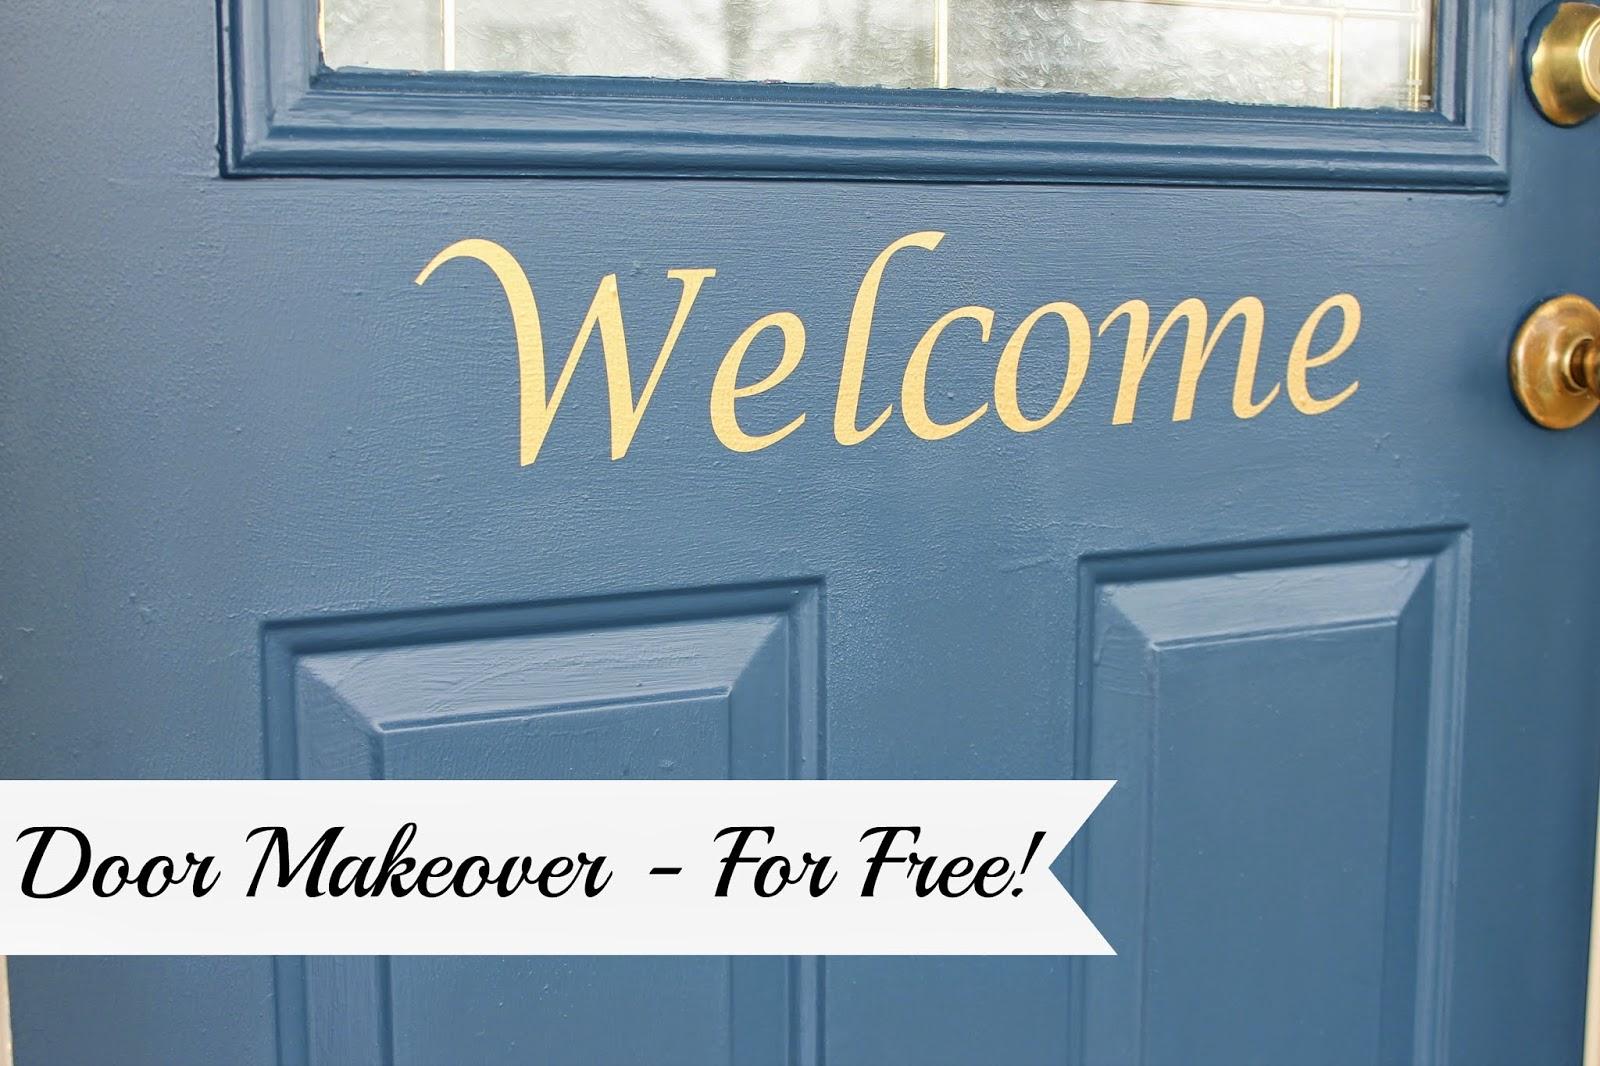 my no-cost door makeover